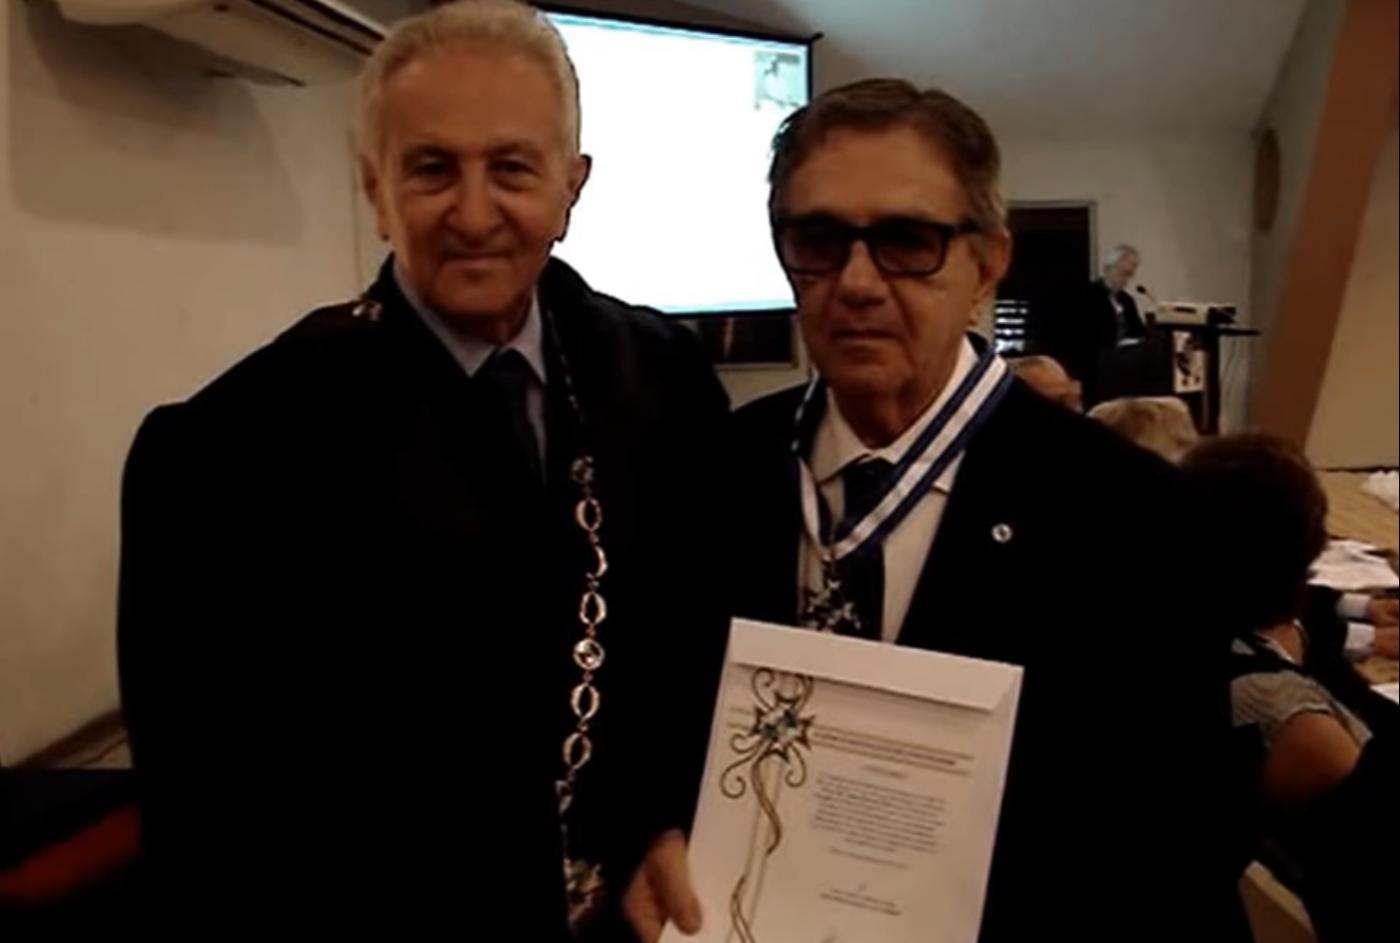 Medalha Prêmio Nobel Peter Brian Medawar: Prof. Dr. Stans Murad Netto - Rio de Janeiro,  por ACAMERJ